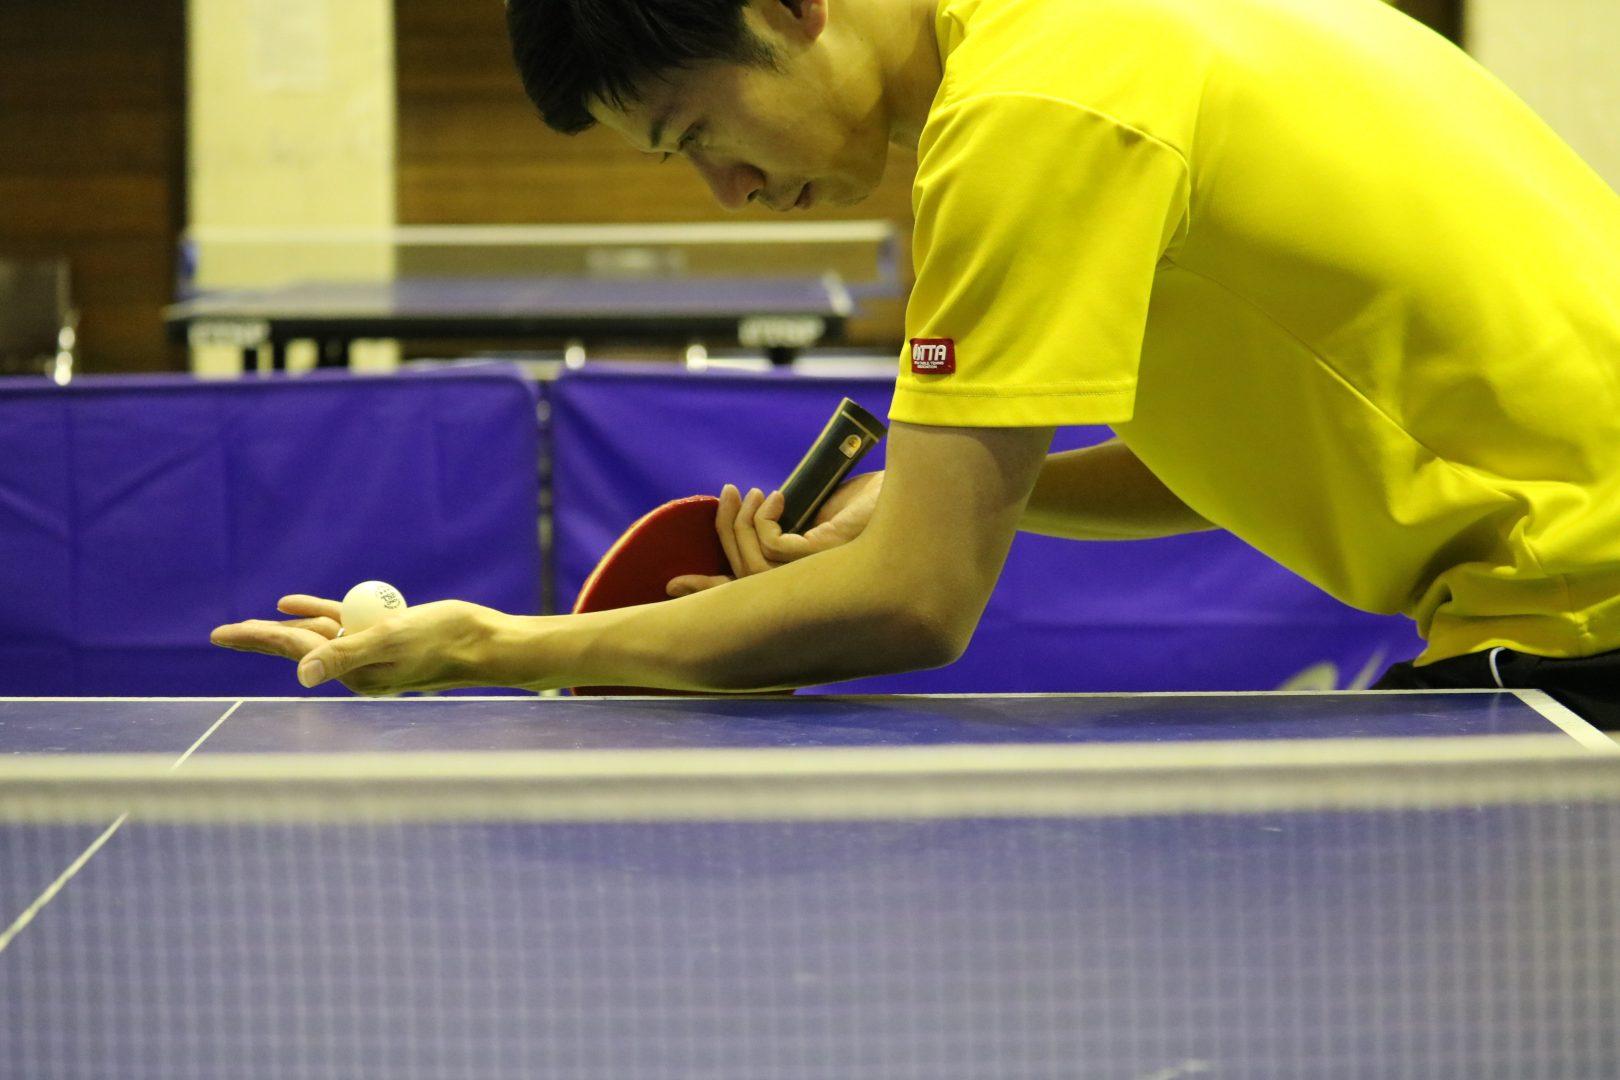 【初心者必見】順横回転サーブへのレシーブ対処法 |卓球基本技術レッスン